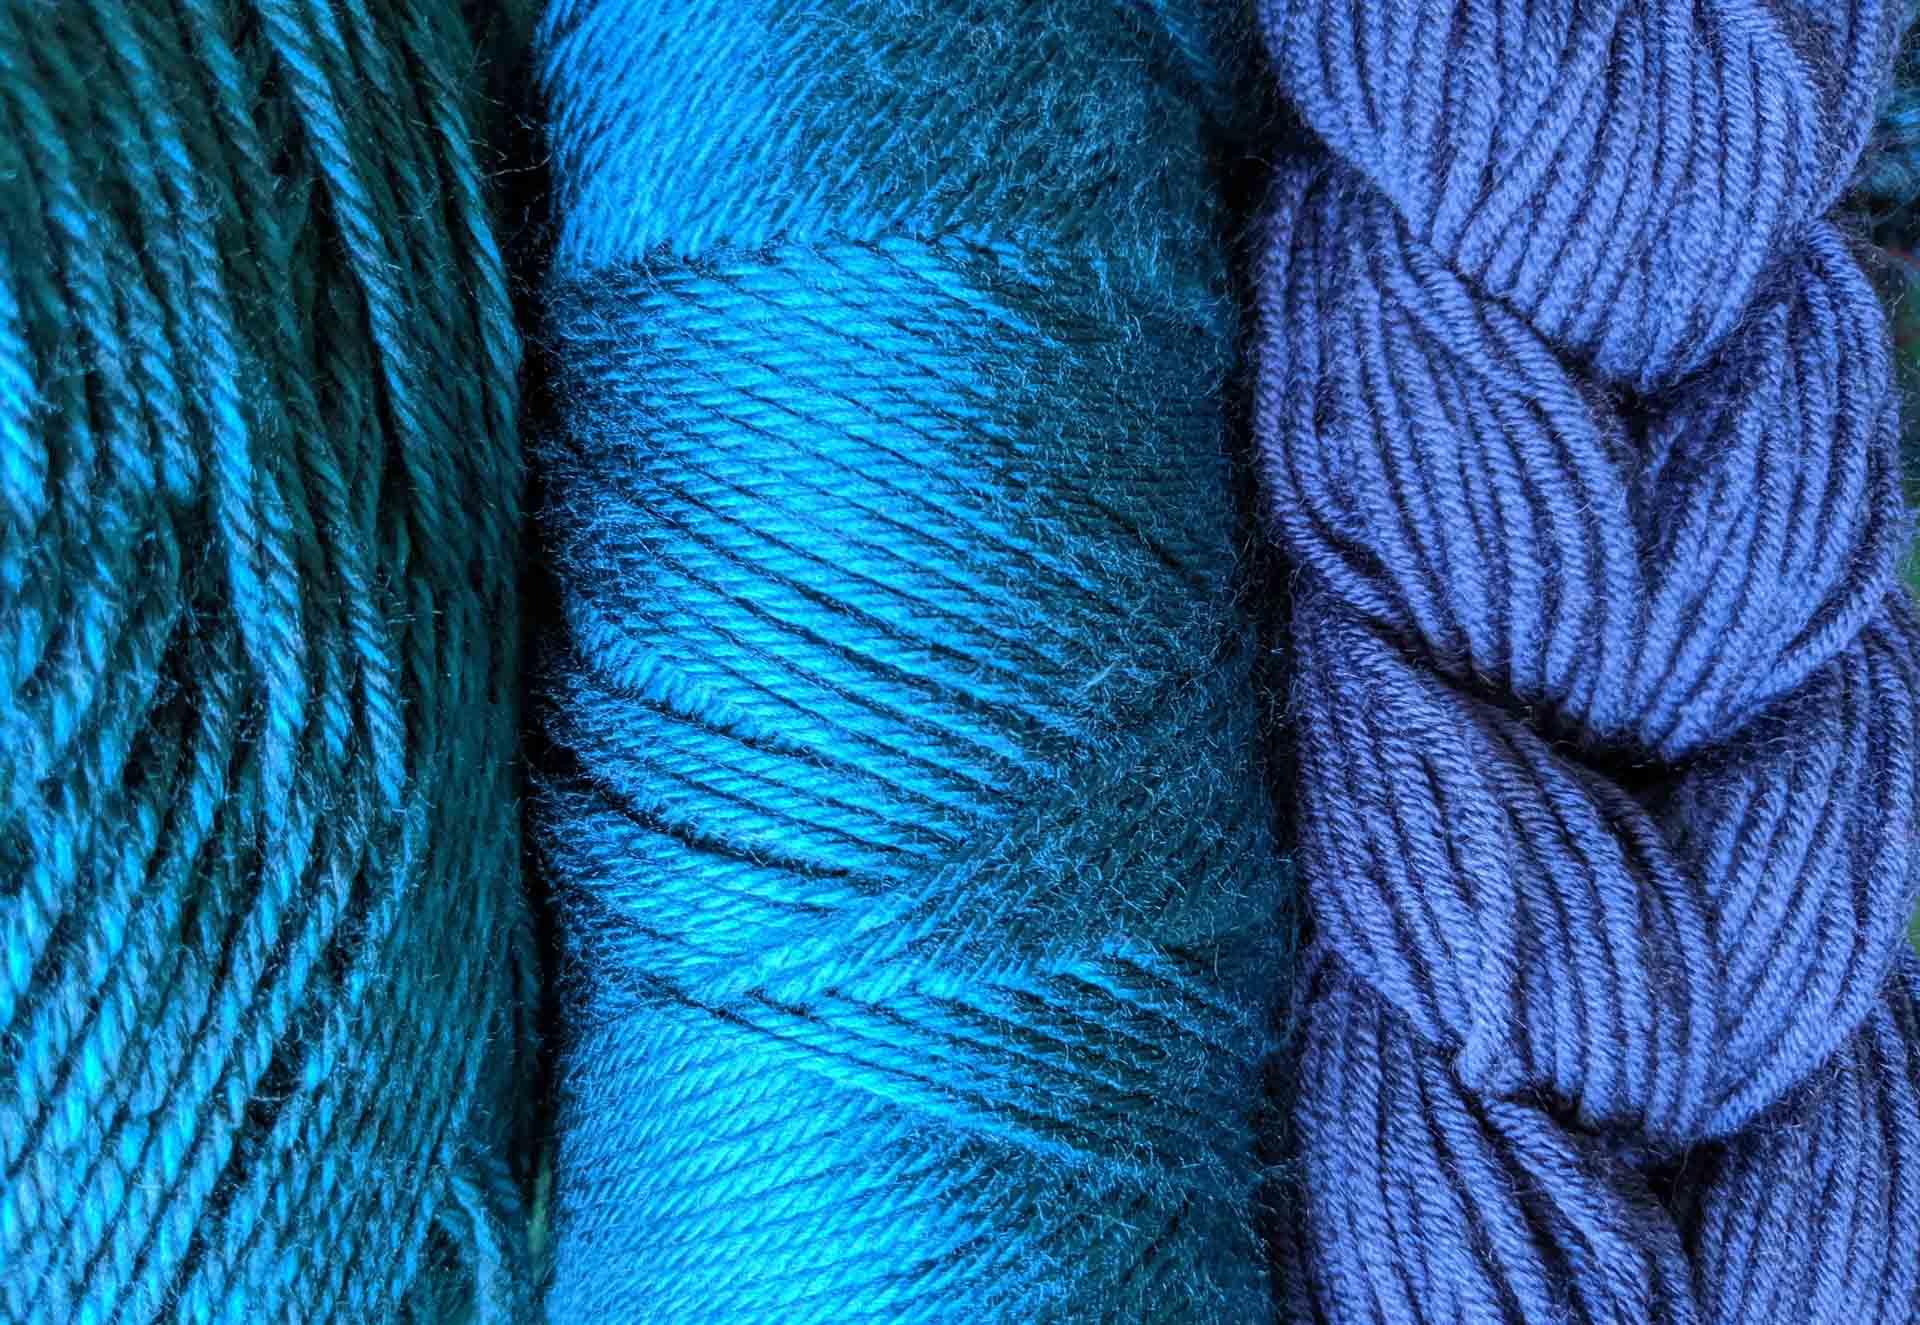 Yarn in shades of blue